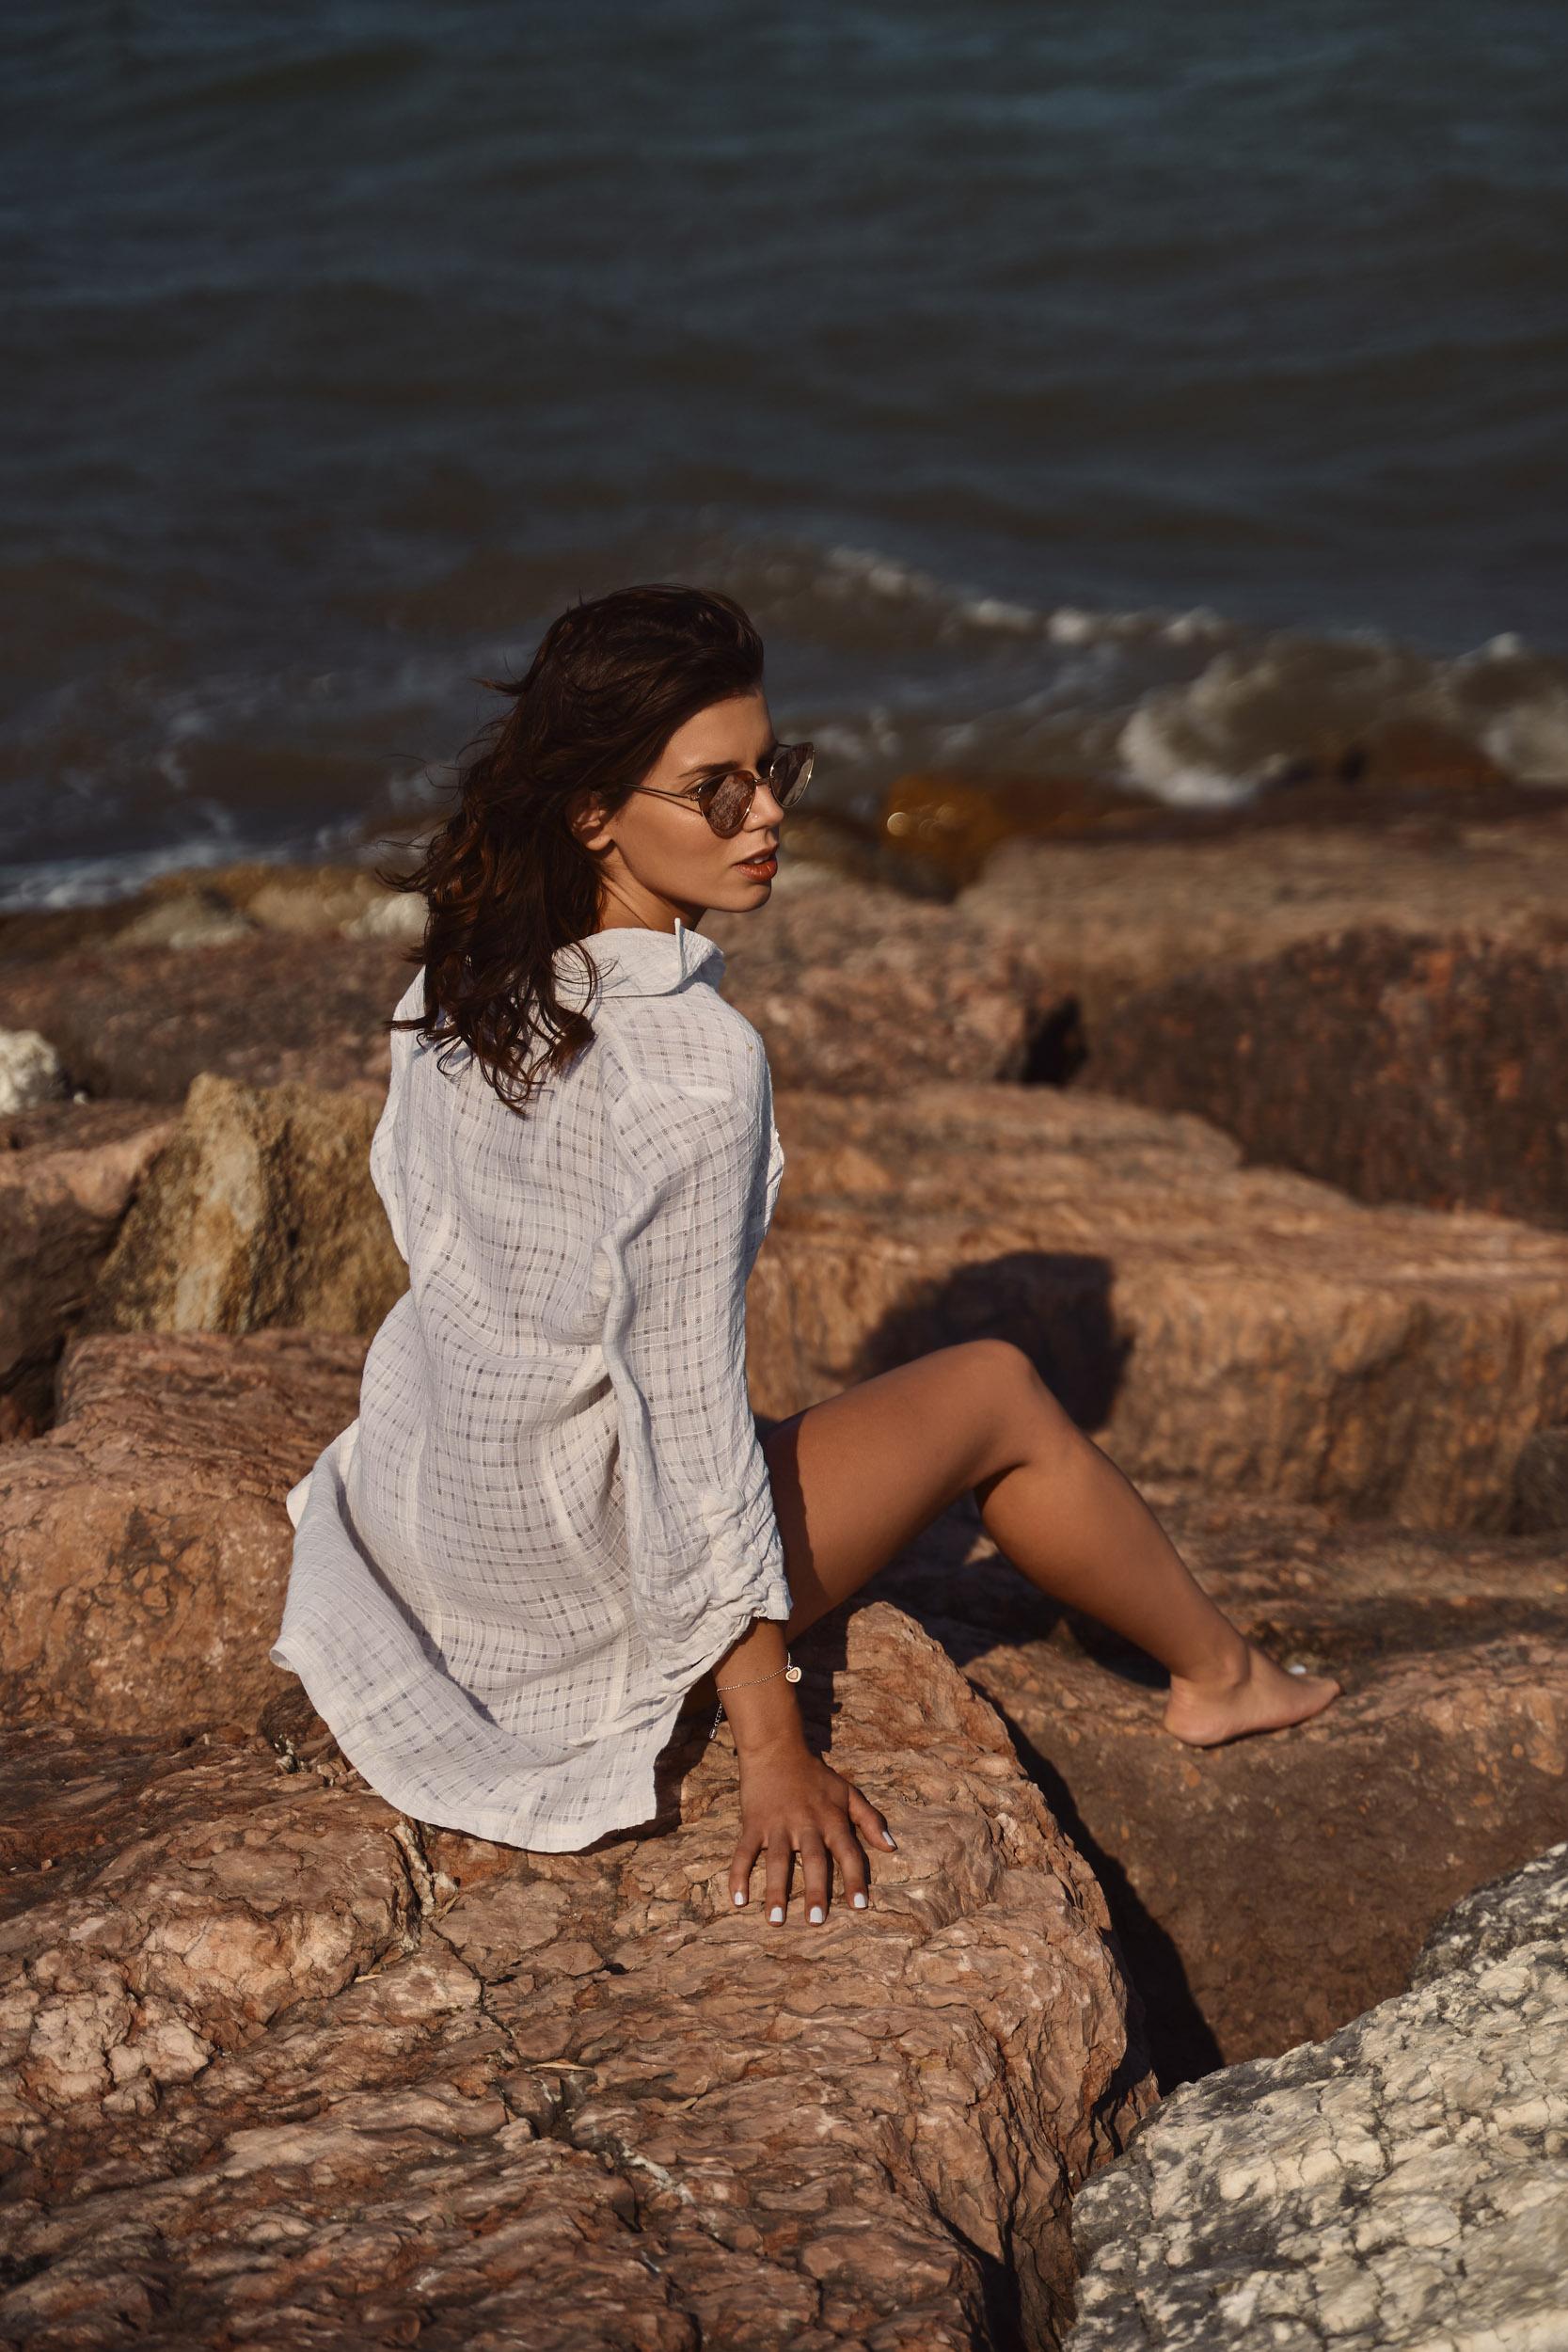 Categorie: Glamour, Portrait, Fashion - Ph: MIRKO LEONI - Model: MICHELA PARUTTO - Location: Rosolina, RO, Veneto, Italia